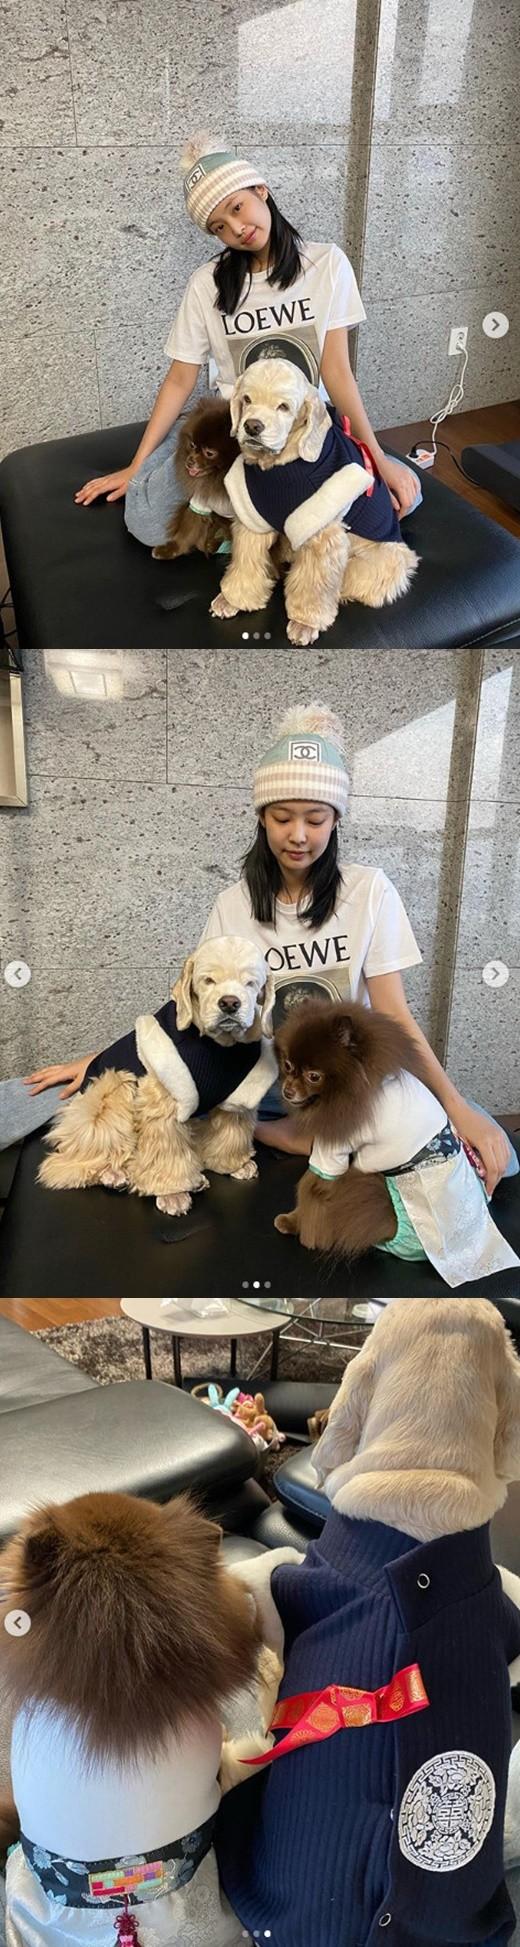 Jennie, köpekleriyle fotoğraf paylaştı